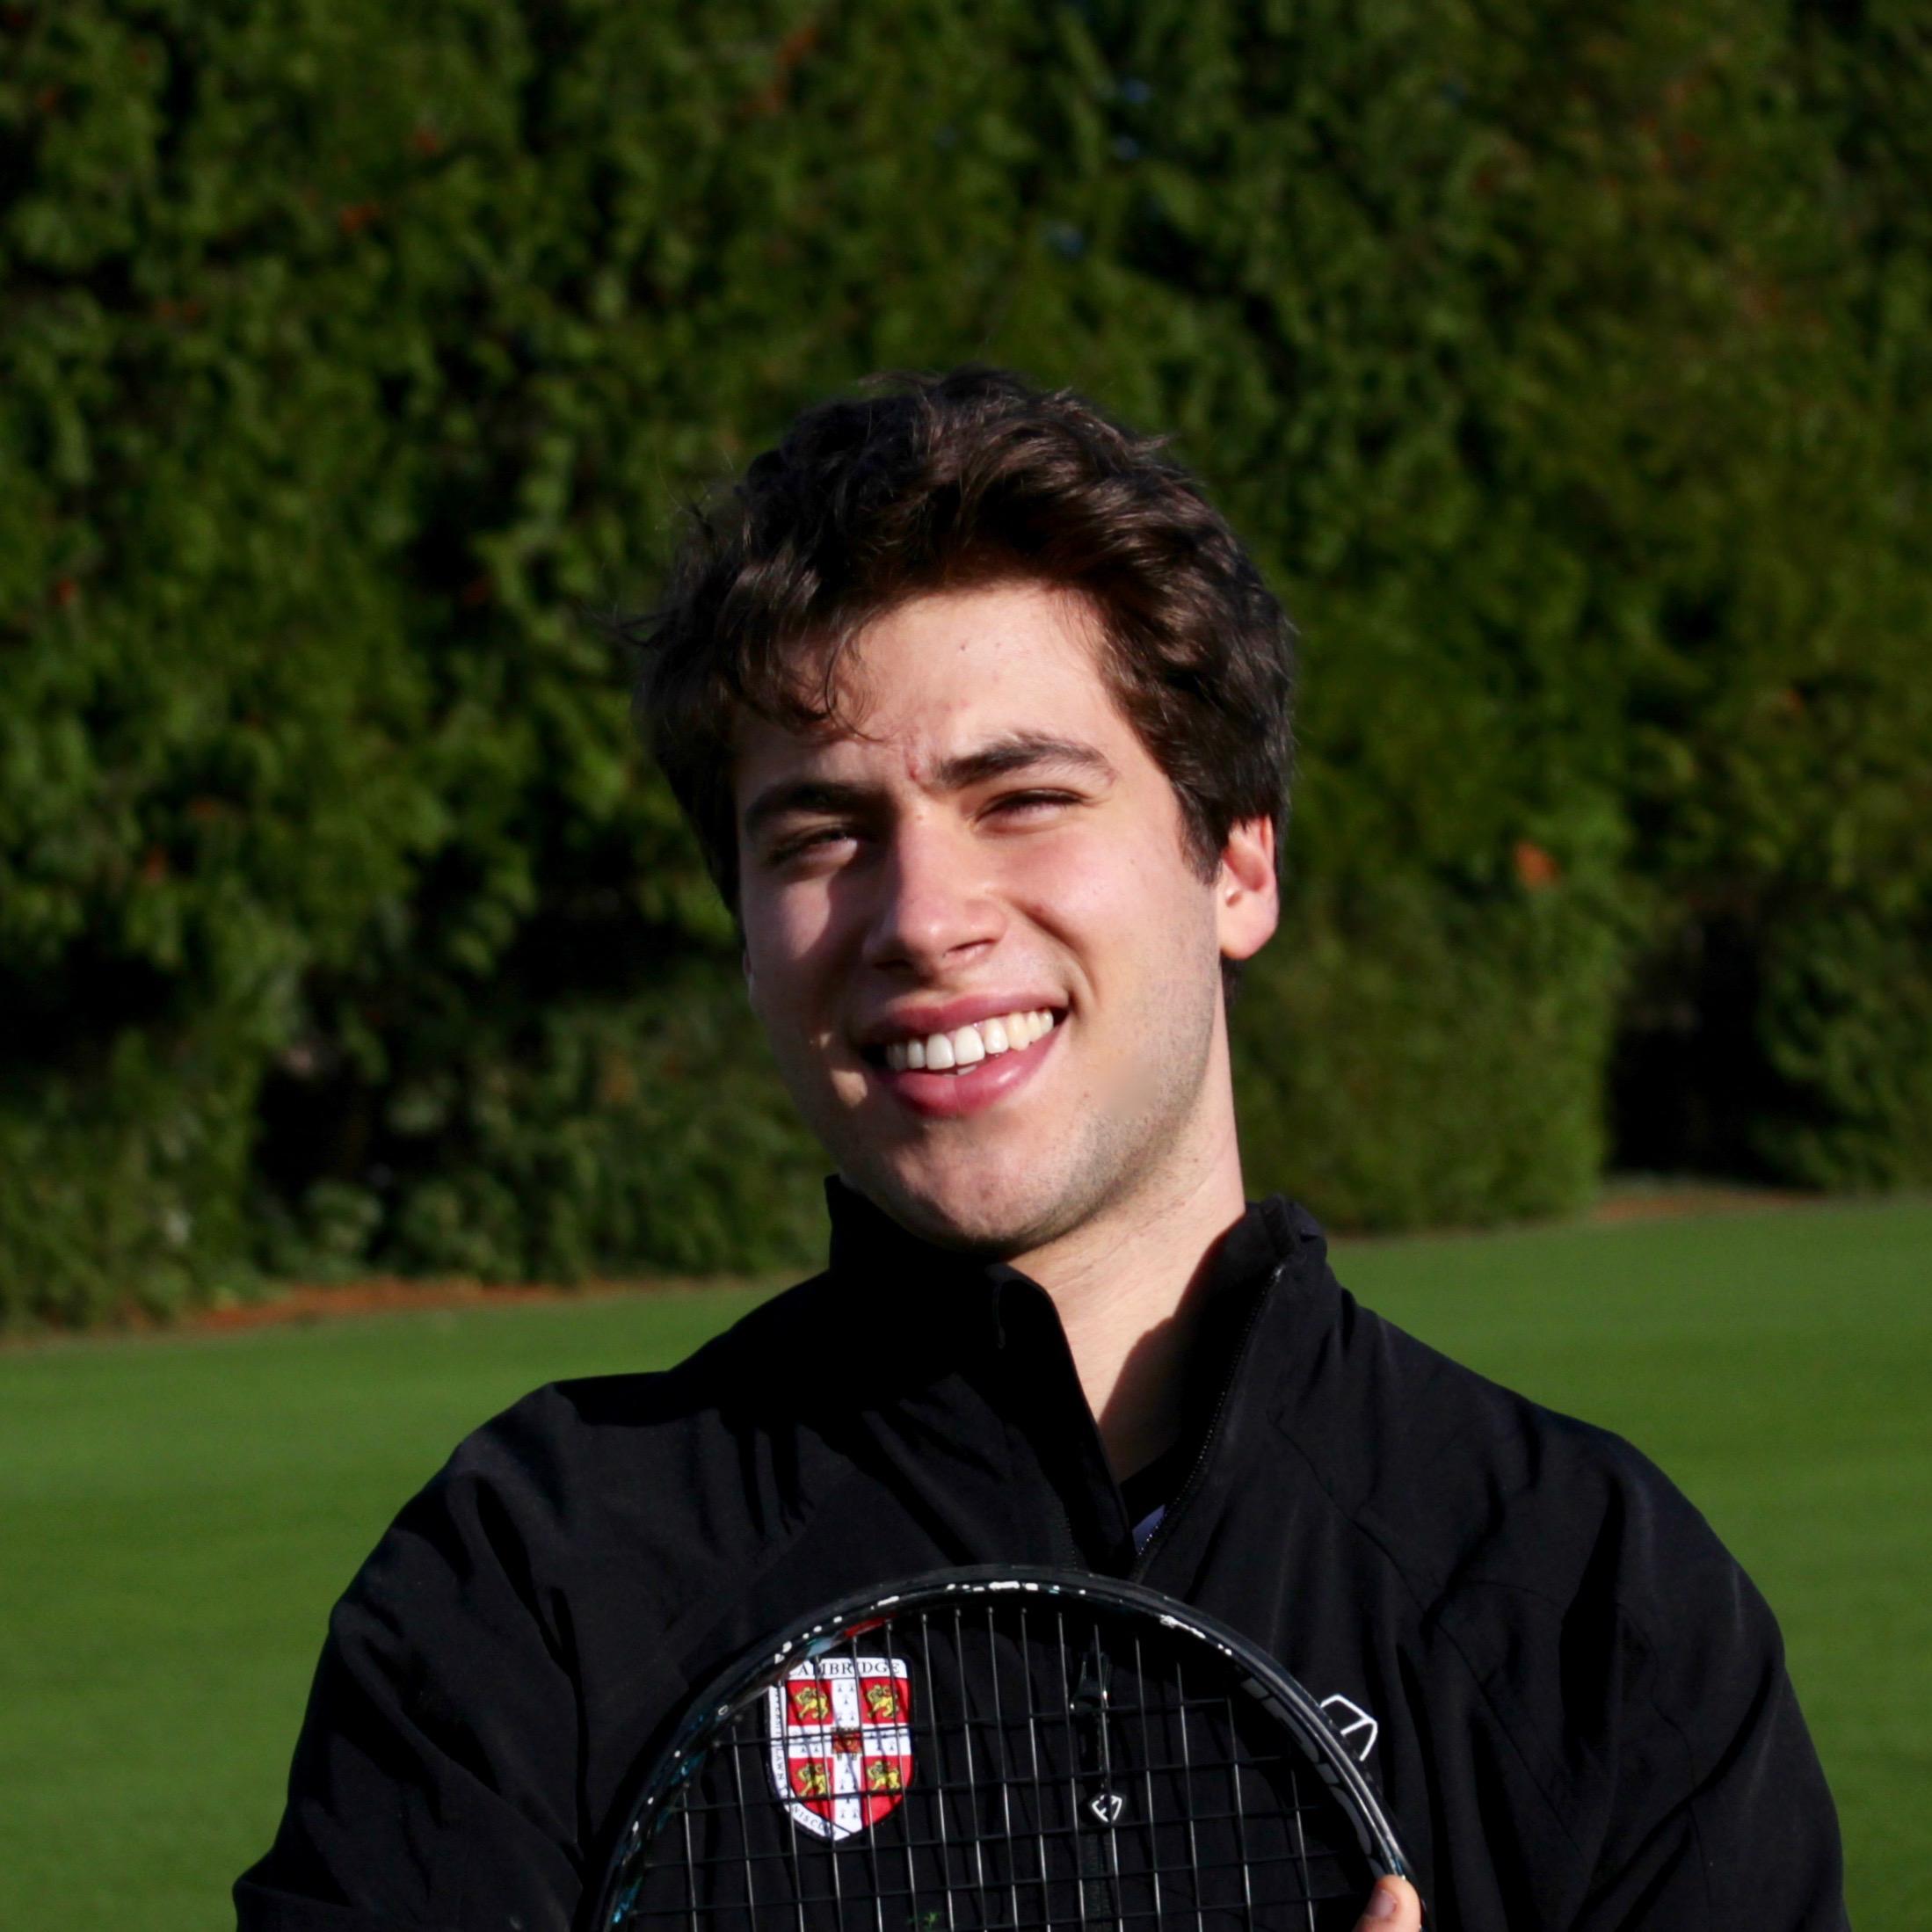 Jacob Haddad